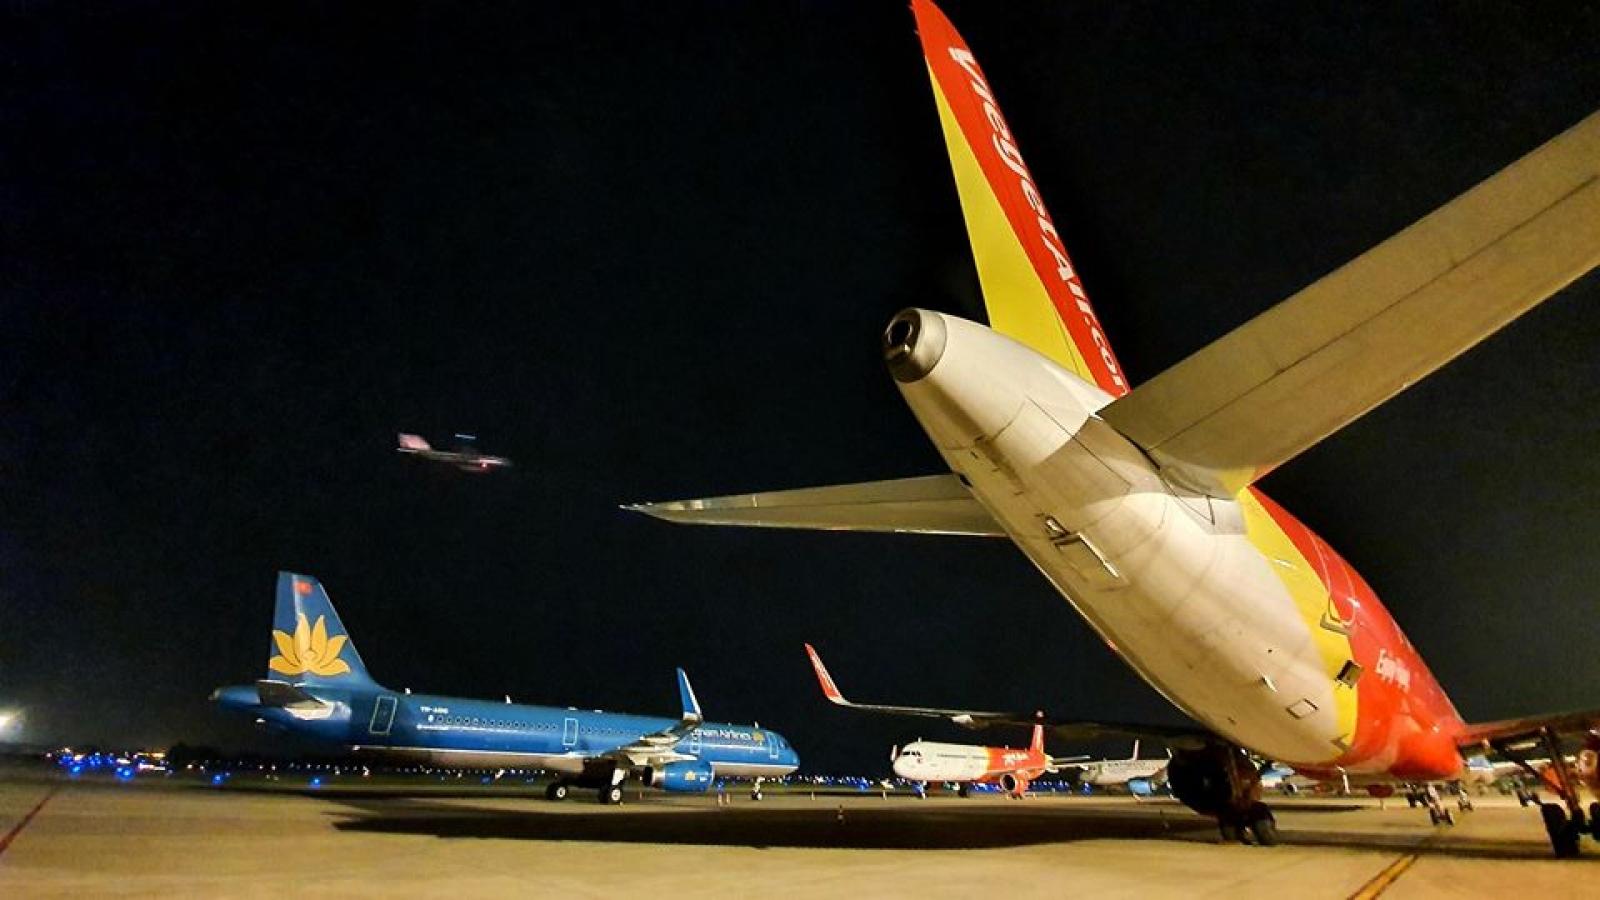 Cục Hàng không đề nghị cho mở tất cả các đường bay nội địa từ 23/4  